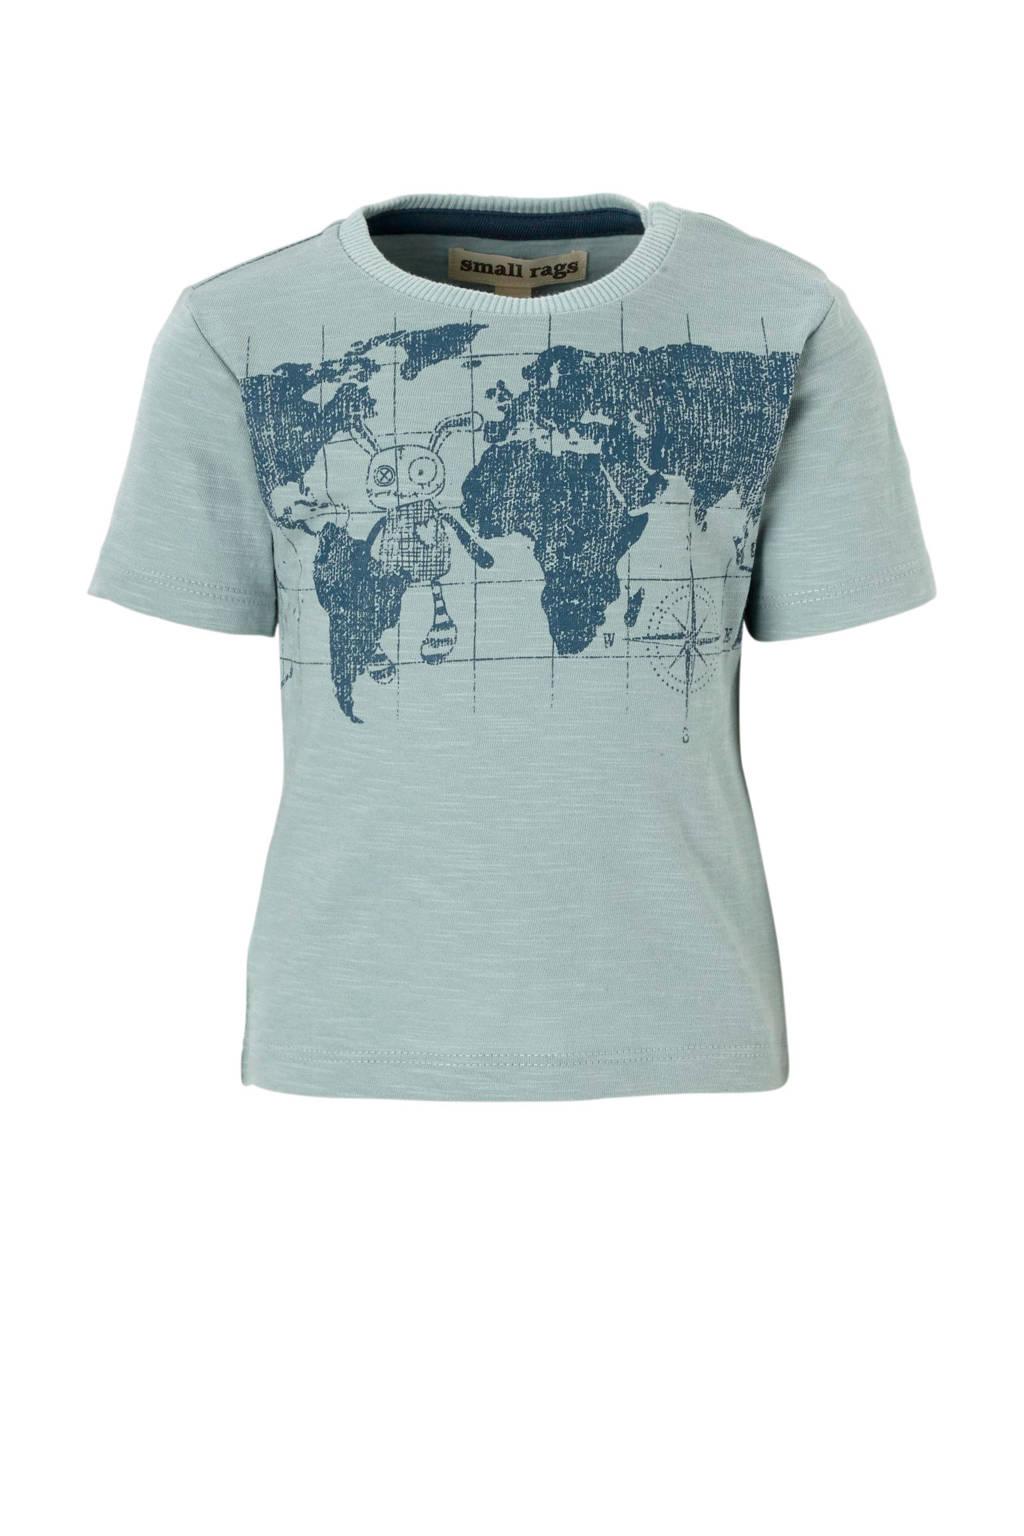 Small Rags T-shirt, Grijs